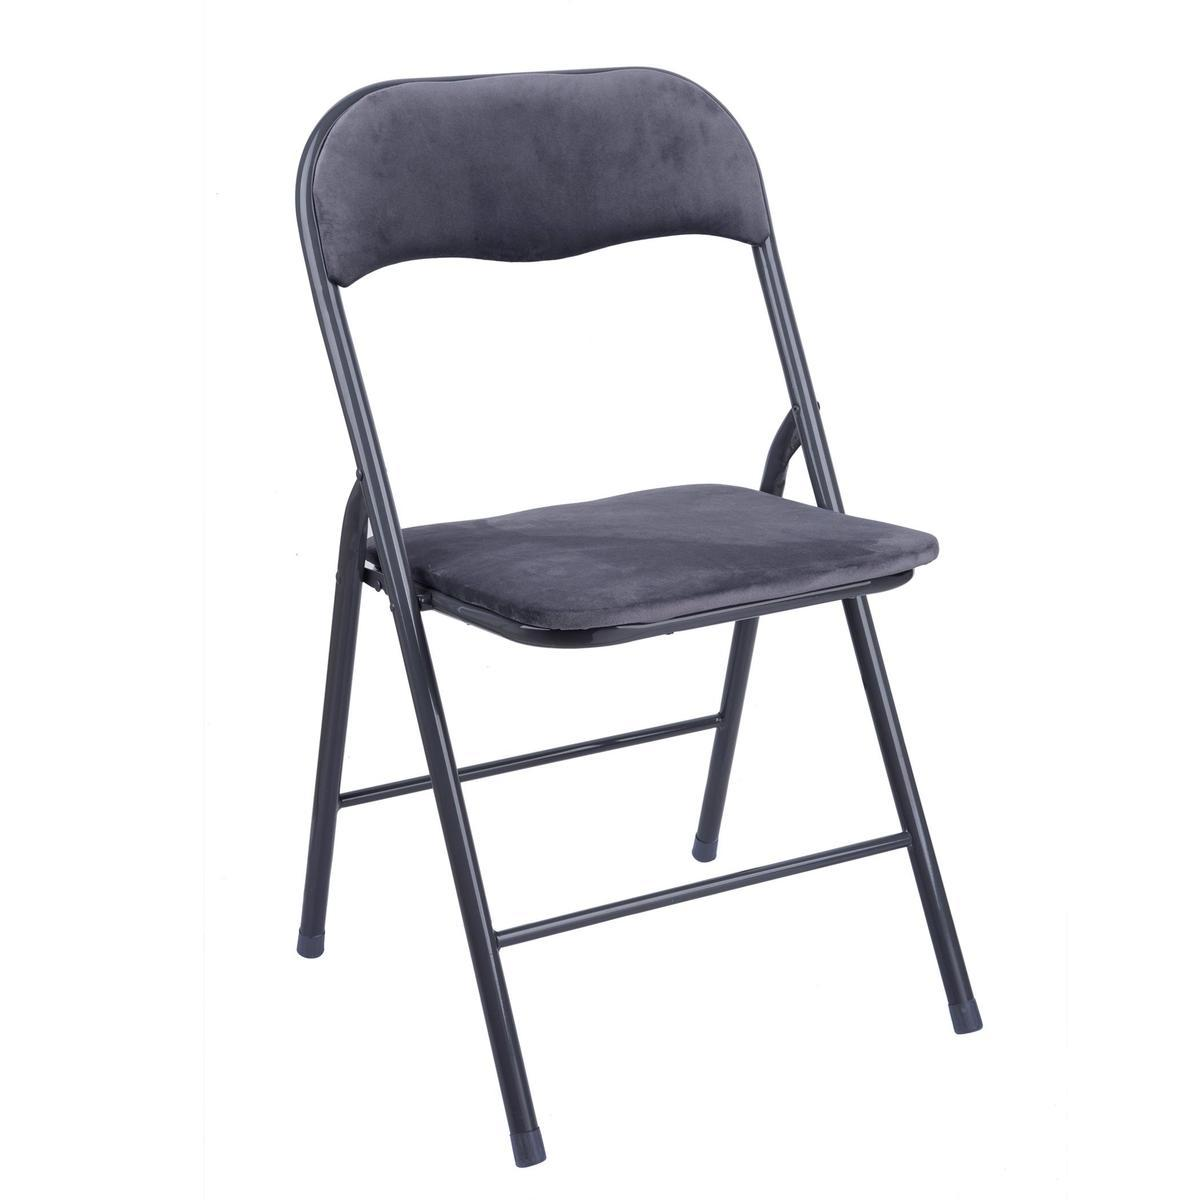 chaise pliante gris meubles pour la